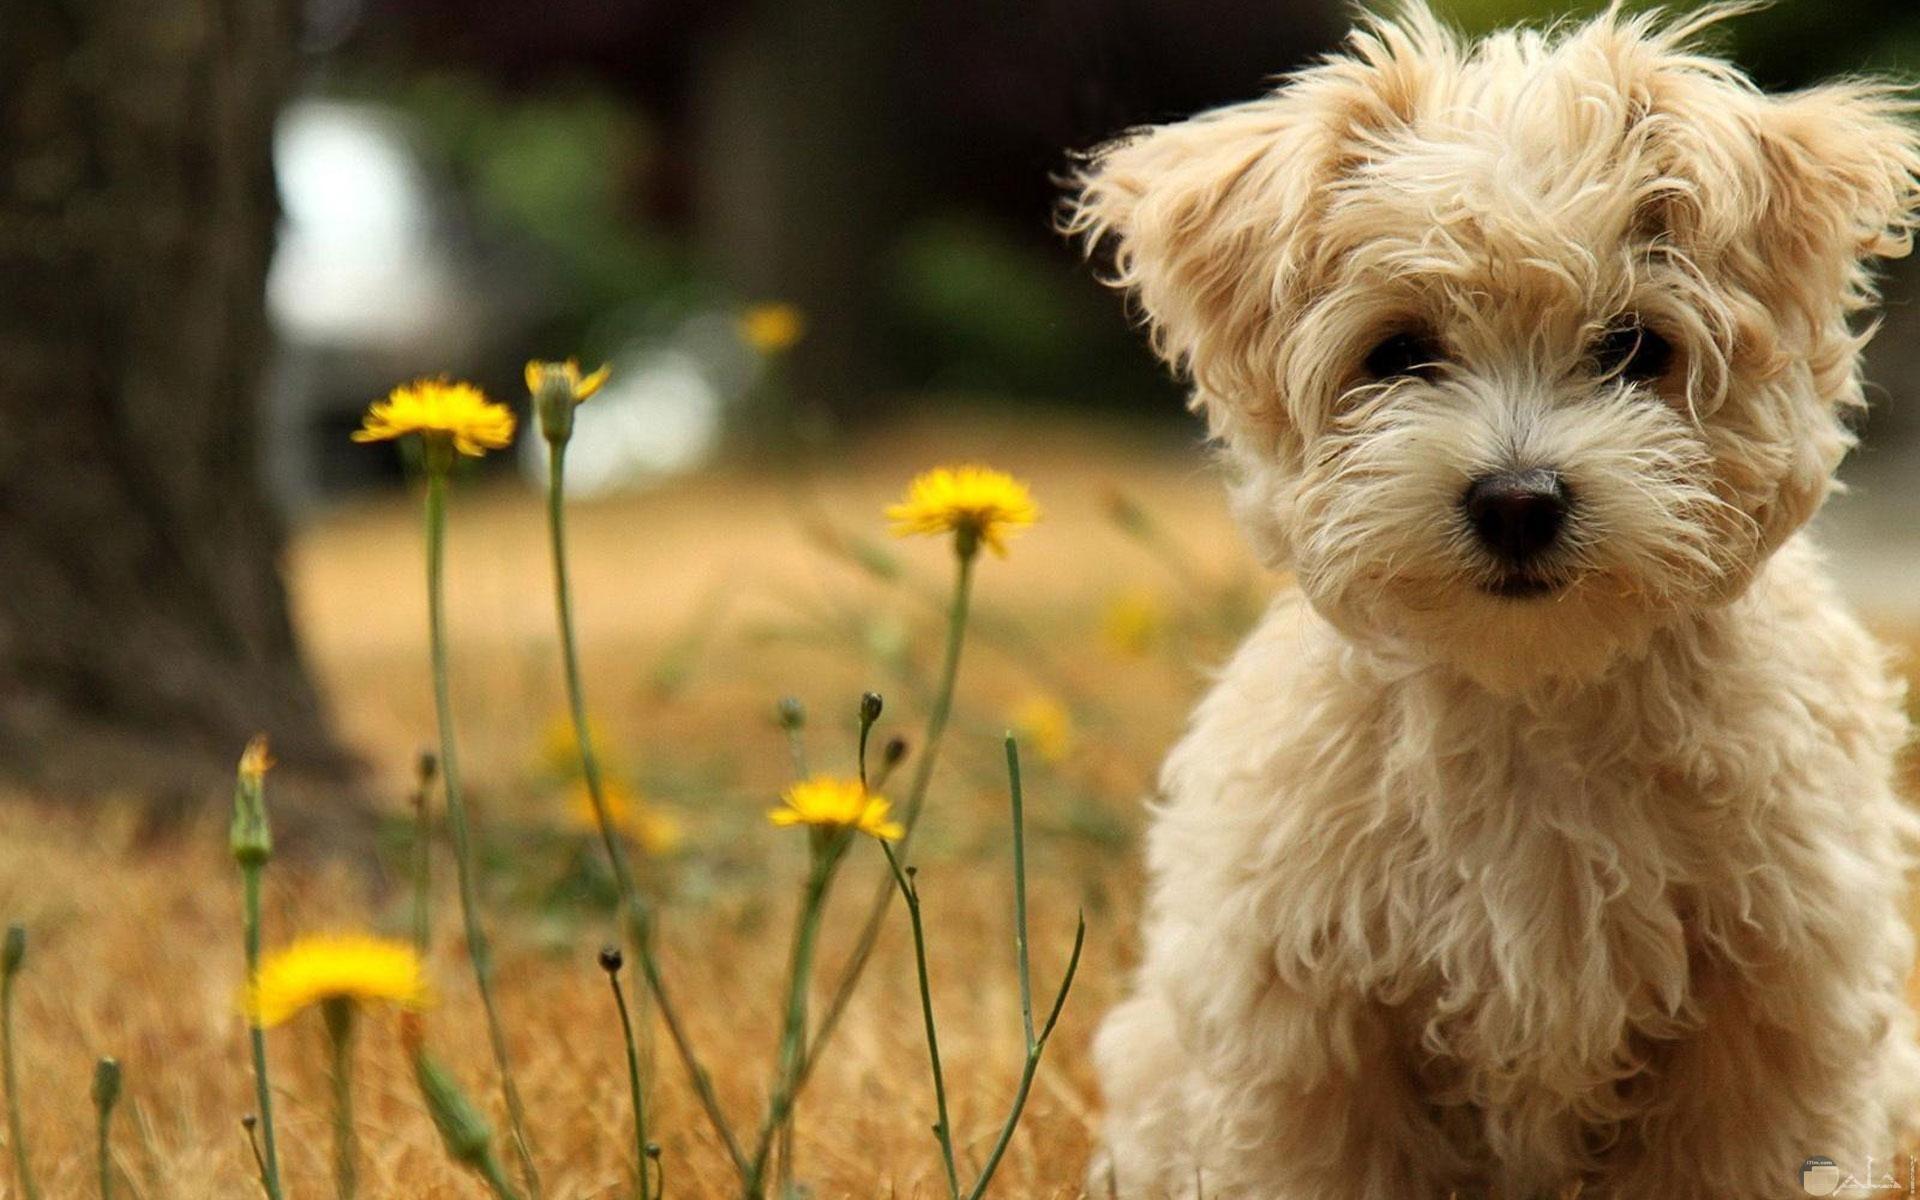 أجمل خلفيات الكلاب الجرو.